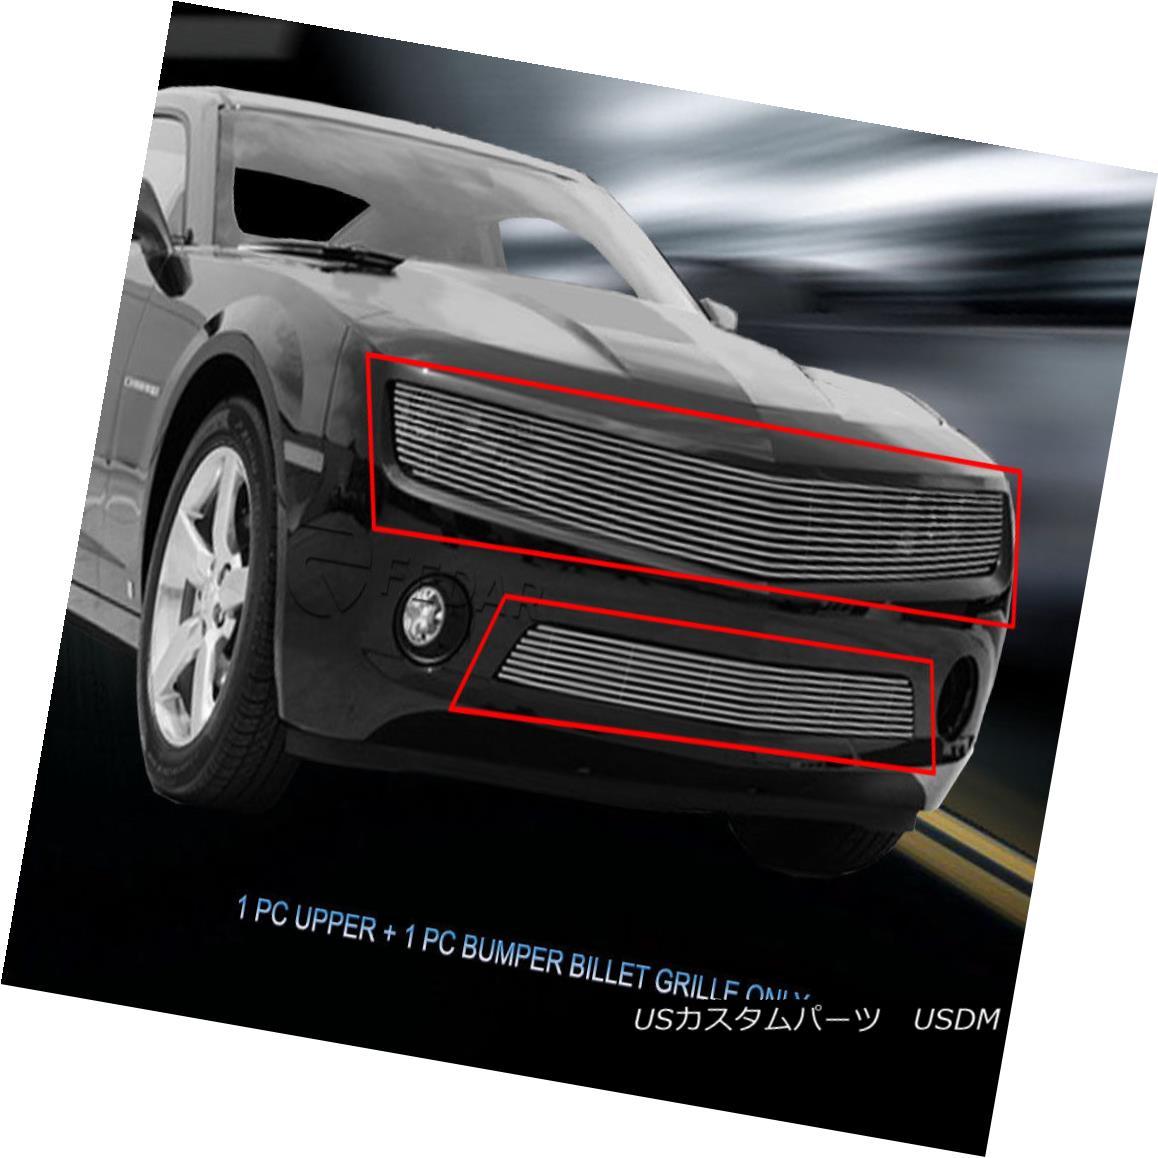 グリル 2010-2013 Chevy Camaro LT/LS V6 Billet Grille Grill Combo Insert Fedar 2010-2013シボレーカマロLT / LS V6ビレットグリルグリルコンボインサートFedar